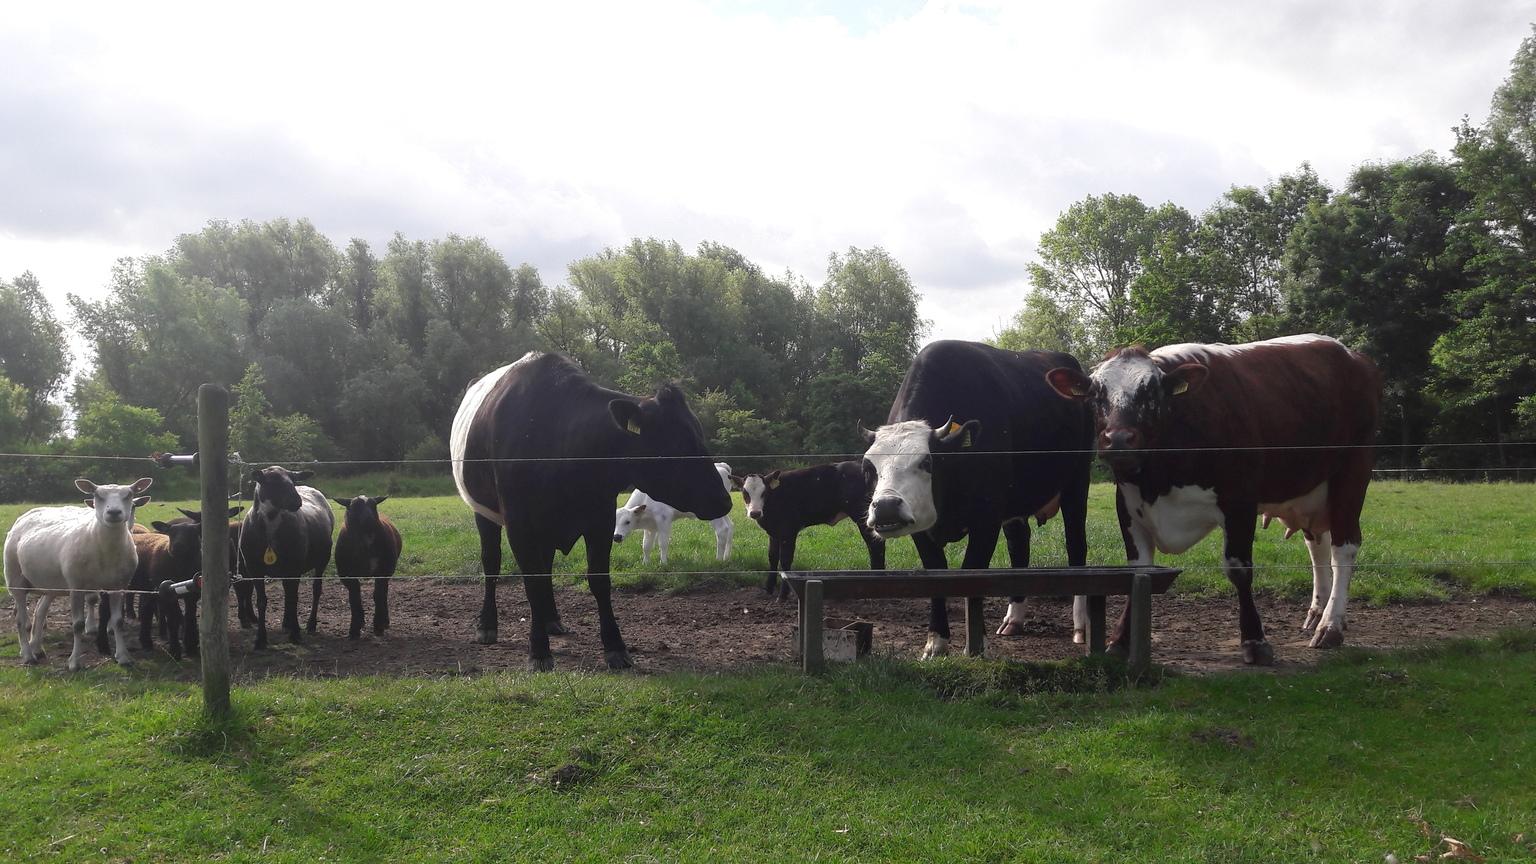 groepsfoto - op deze foto is het einde van de lente goed te zien, gras lang genoeg om buiten te lopen, de kalfjes zijn geboren en oud genoeg om na buiten te gaan, - foto door RolandvanTol op 10-04-2021 - locatie: Burgemeester Bruins Slotsingel 11, 2403 NC Alphen aan den Rijn, Nederland - deze foto bevat: koe, koeien, kalf, kalfjes, schaap, schapen, lam, lammeren, gras, honger, hoorns, wolk, lucht, fabriek, werkend dier, boom, grazen, gras, terrestrische dieren, grasland, landbouw